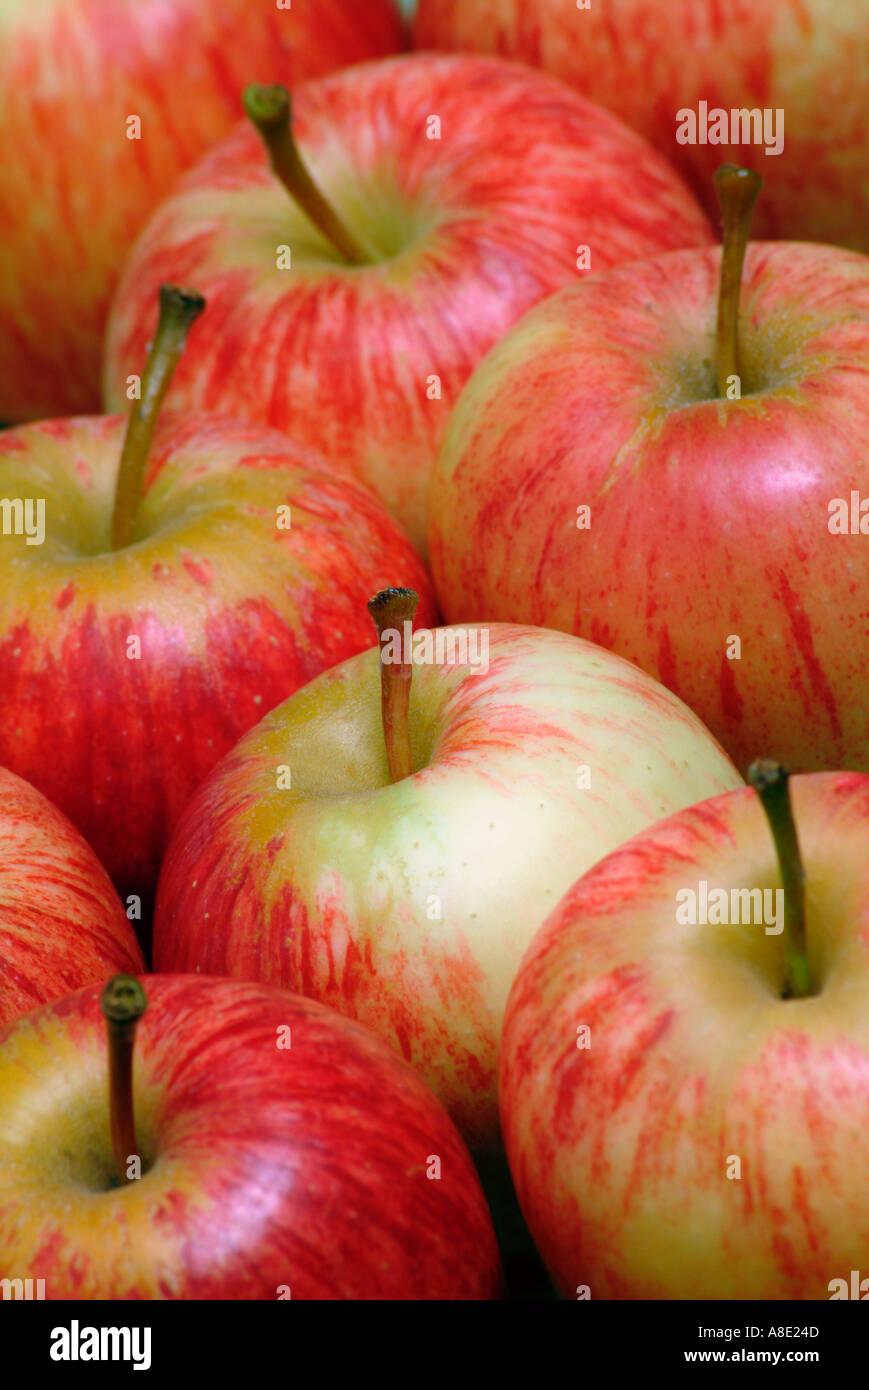 Royal Gala apples - Stock Image